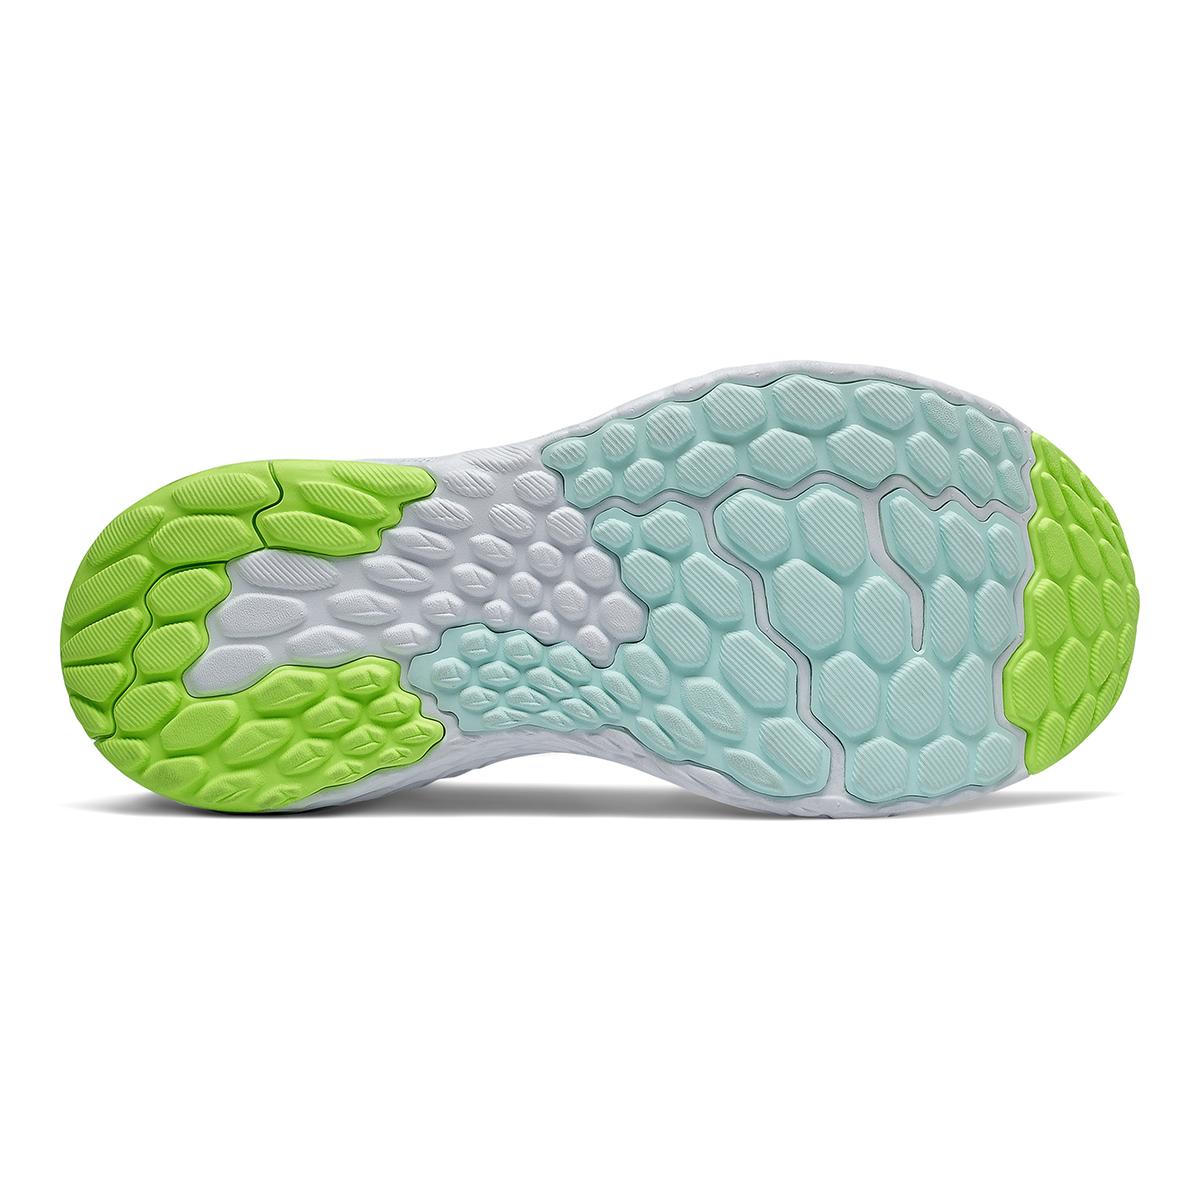 Women's New Balance Fresh Foam 1080v10 Running Shoe - Color: Jet Stream/Glacier - Size: 5 - Width: Regular, Jet Stream/Glacier, large, image 4